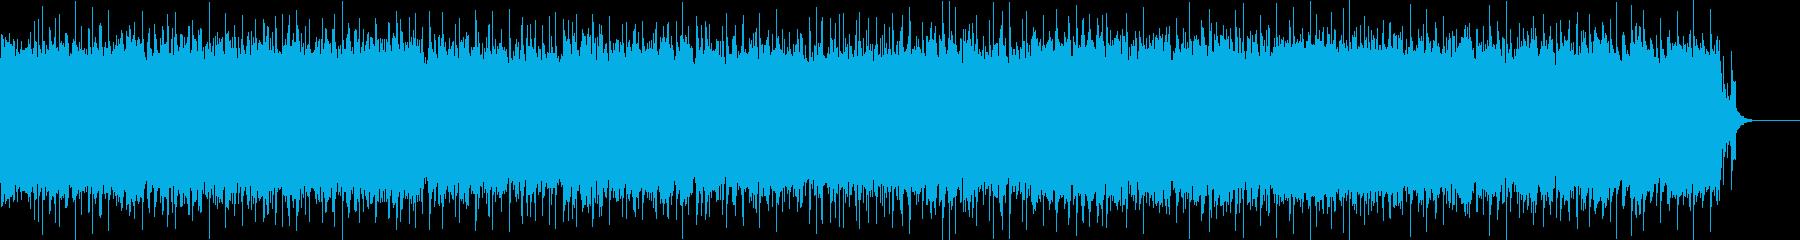 クラシックロック風で軽快なロックの再生済みの波形